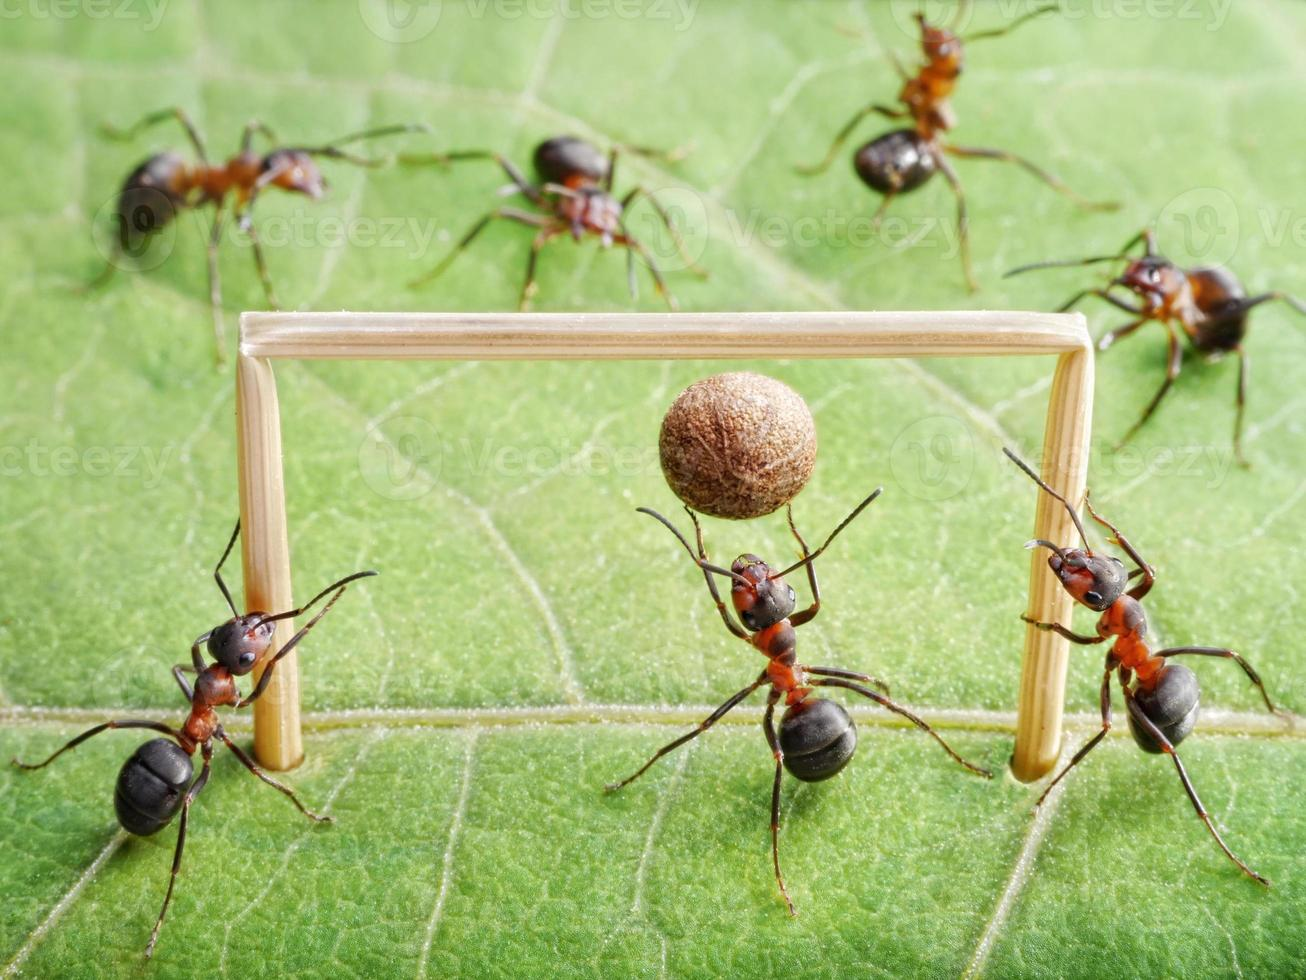 mål, myror spelar fotboll foto